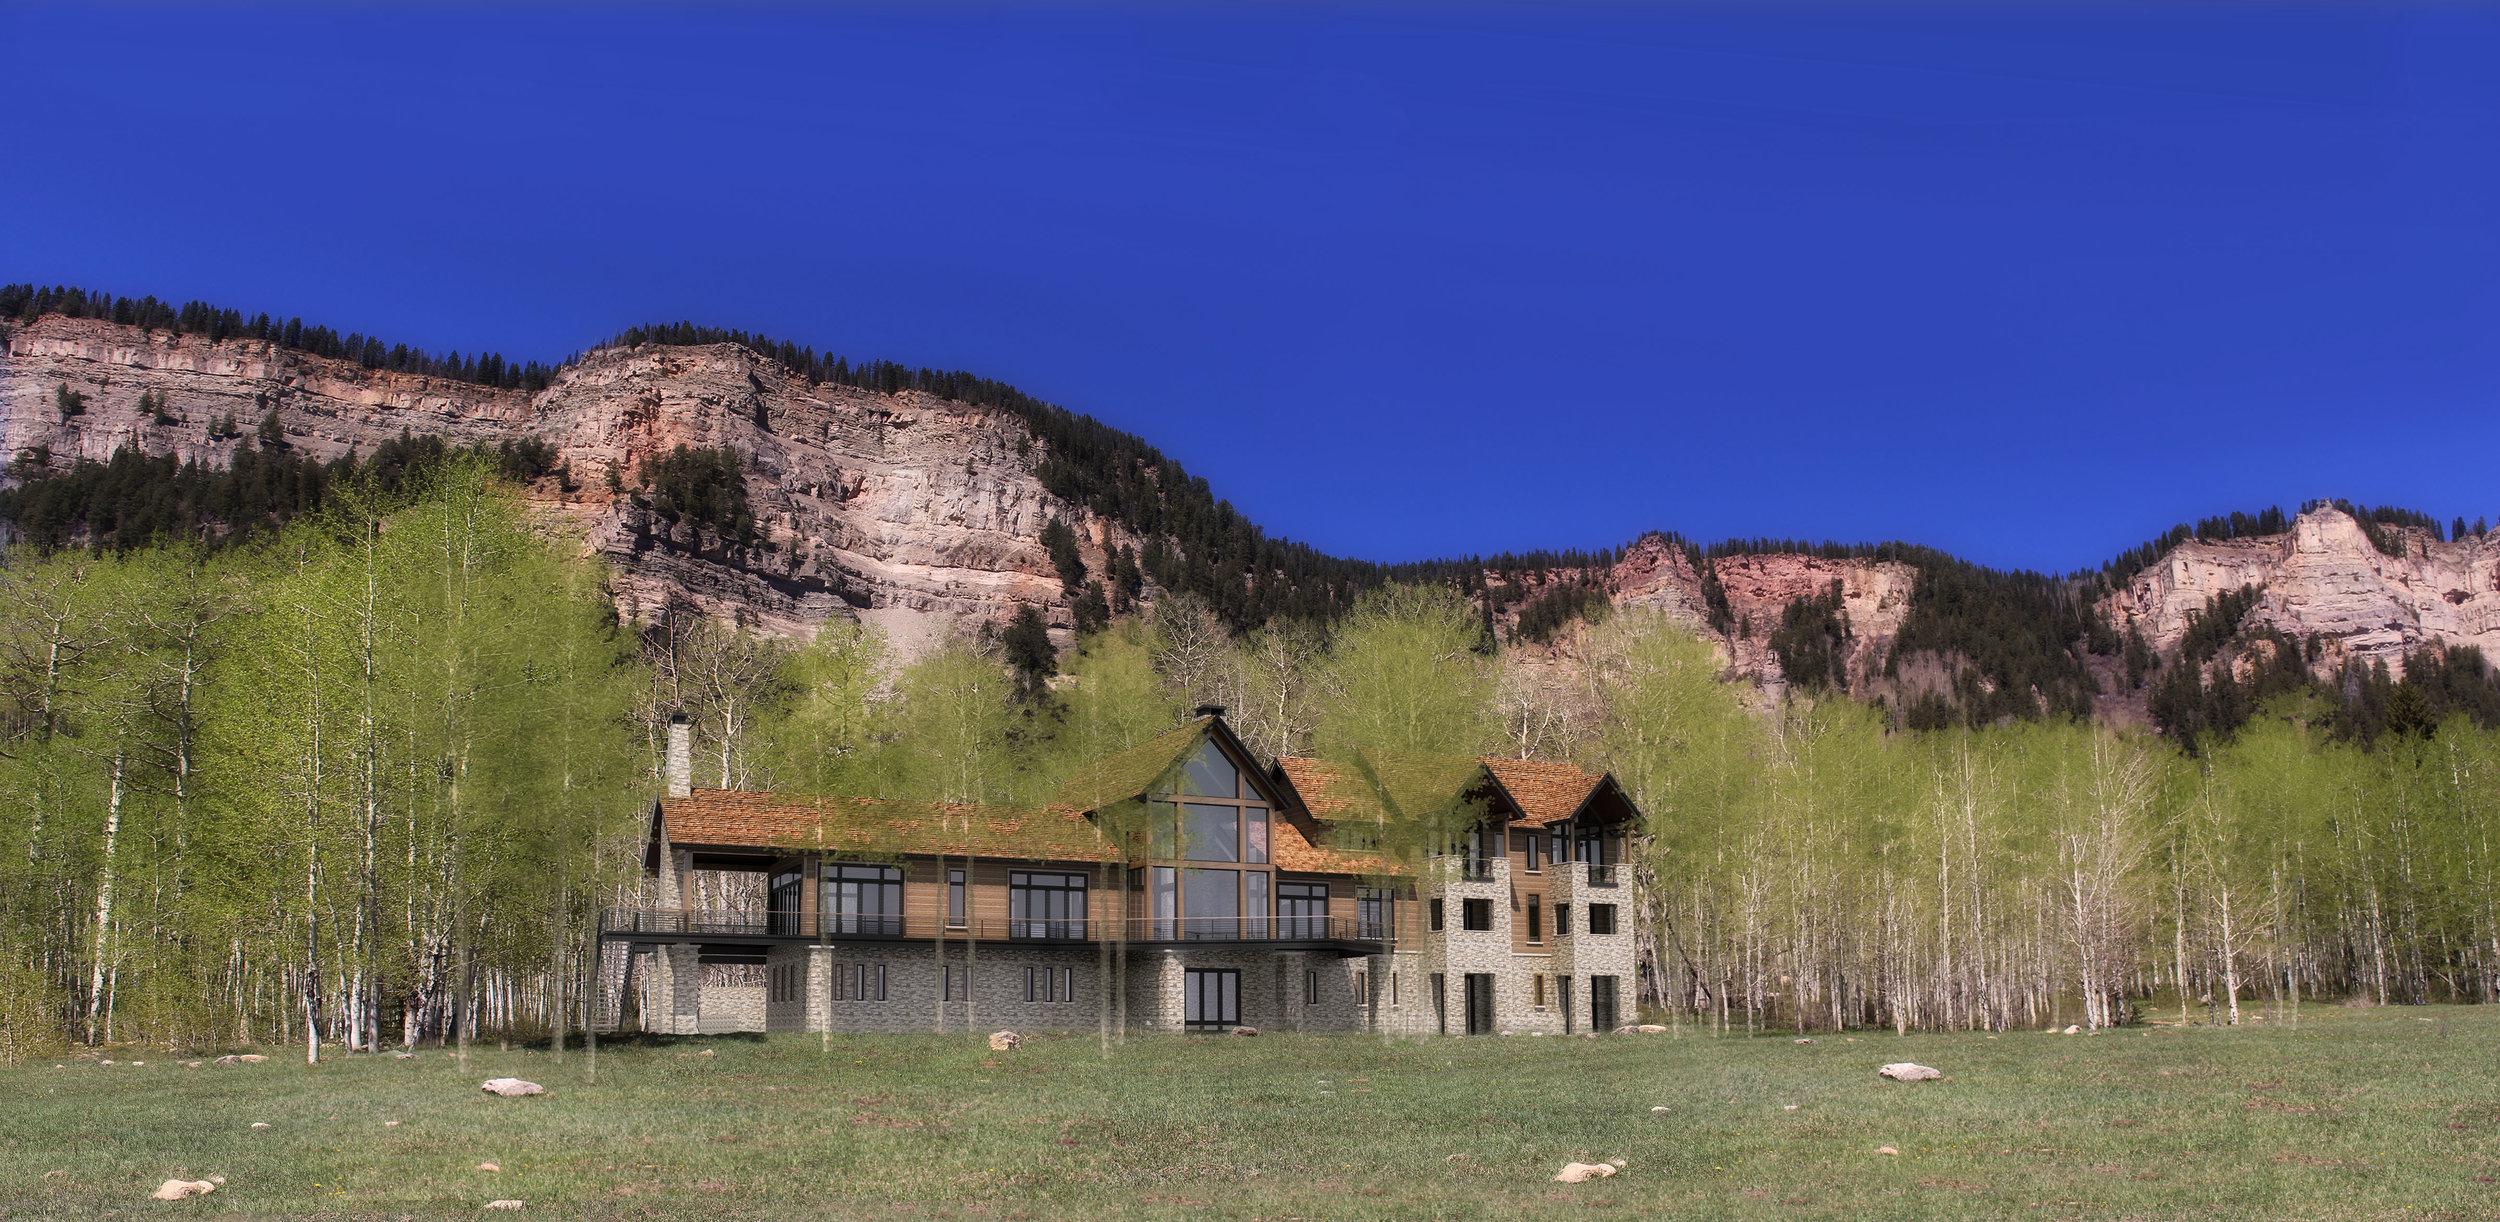 Durango_Image.jpg